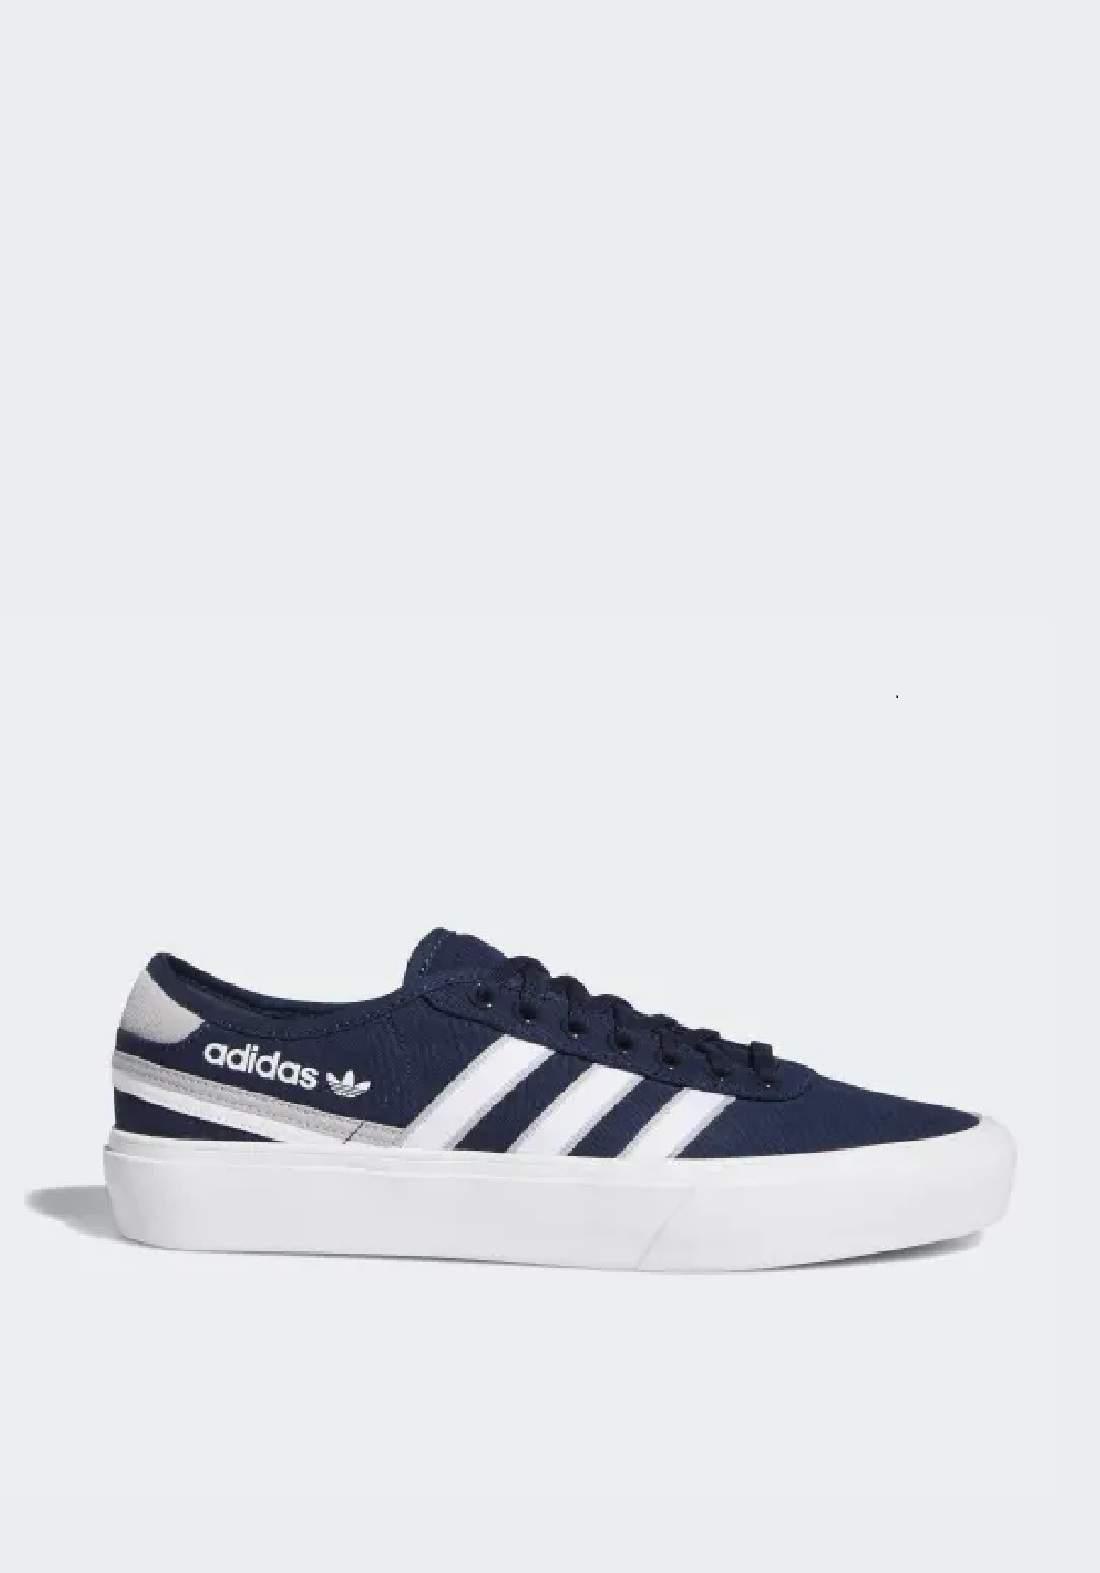 Adidas حذاء رجالي رياضي نيلي اللون من